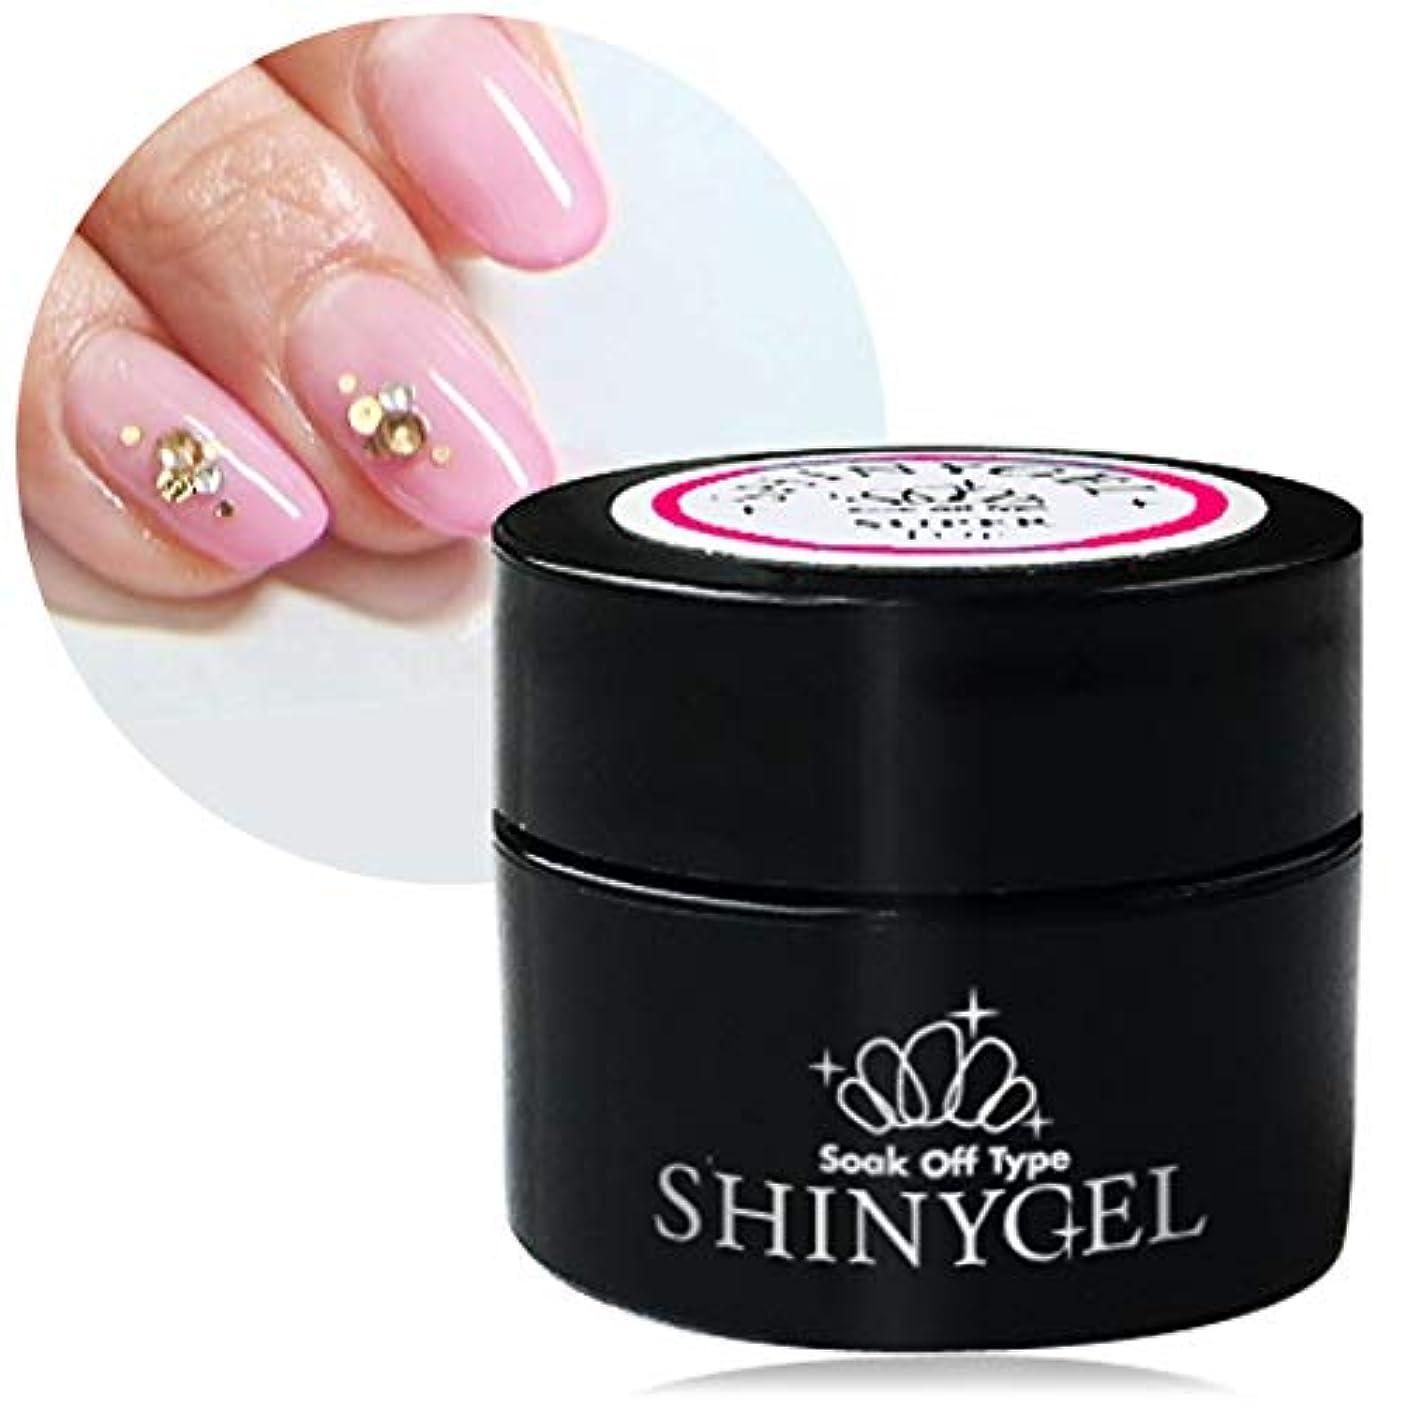 海外合唱団カップ[UV/LED対応○] SHINYGEL シャイニージェル スーパートップ/5g <セミハードタイプ>爪にやさしく 極上のツヤとうっとりする透明感 100%純国産原料使用